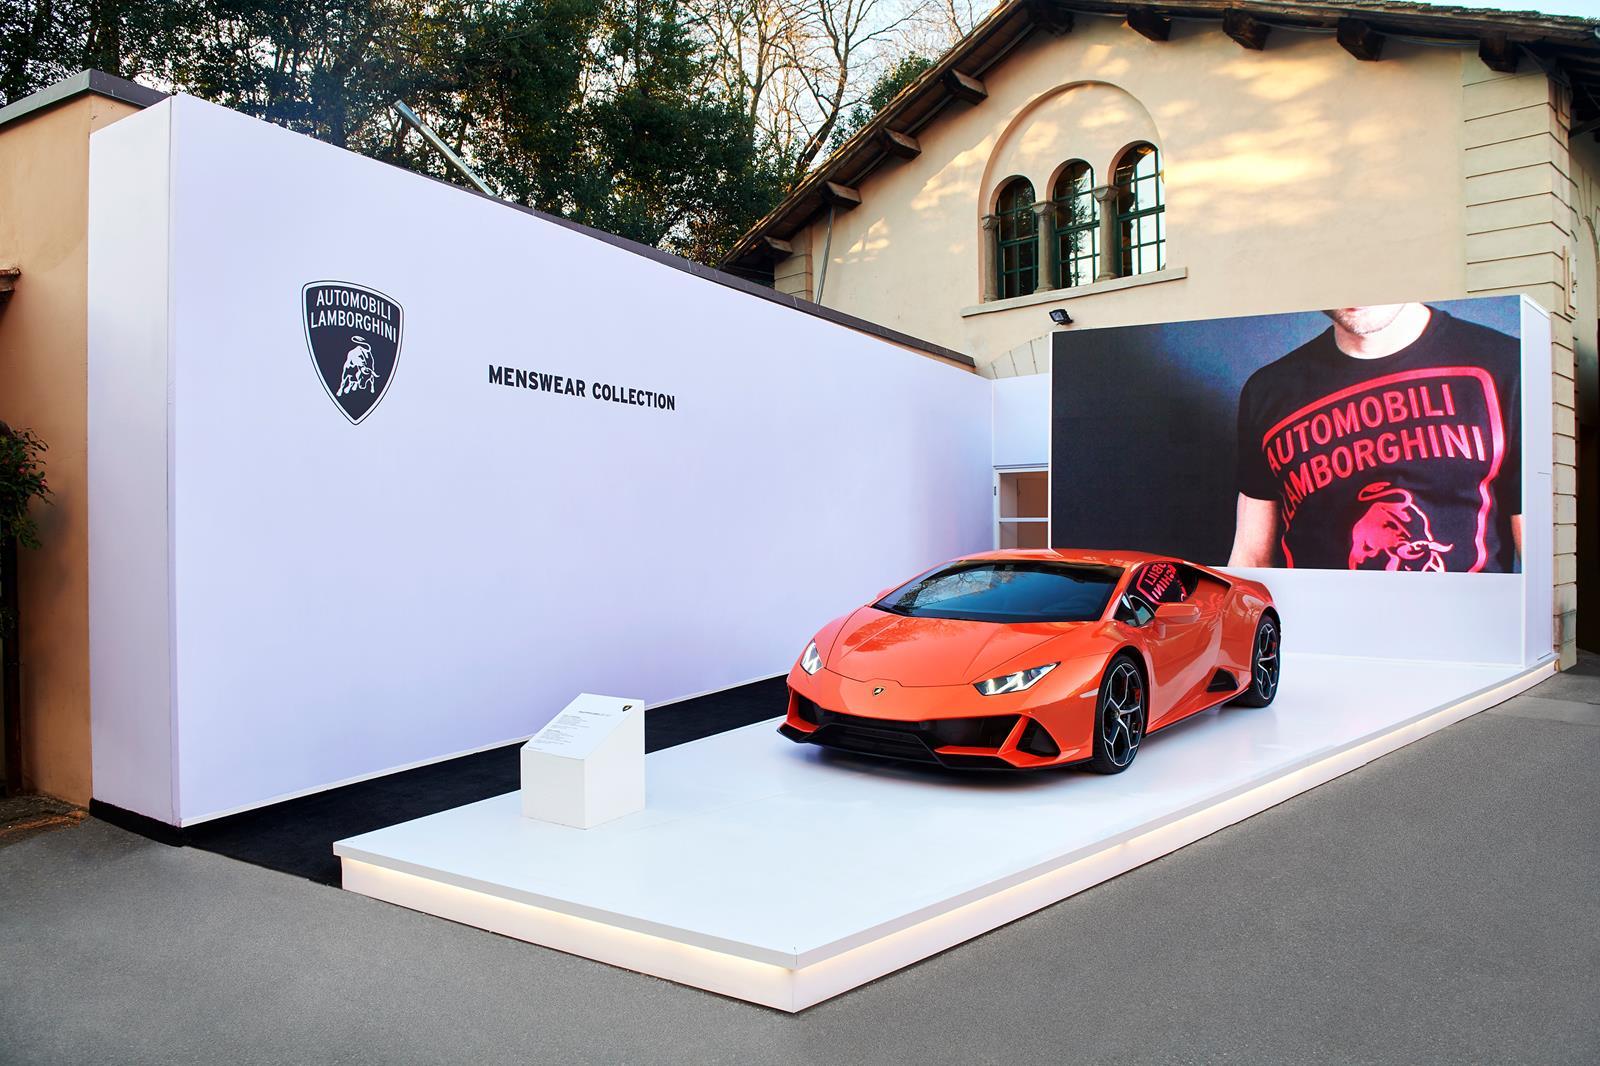 Automobili Lamborghini Menswear Collection @Pitti97